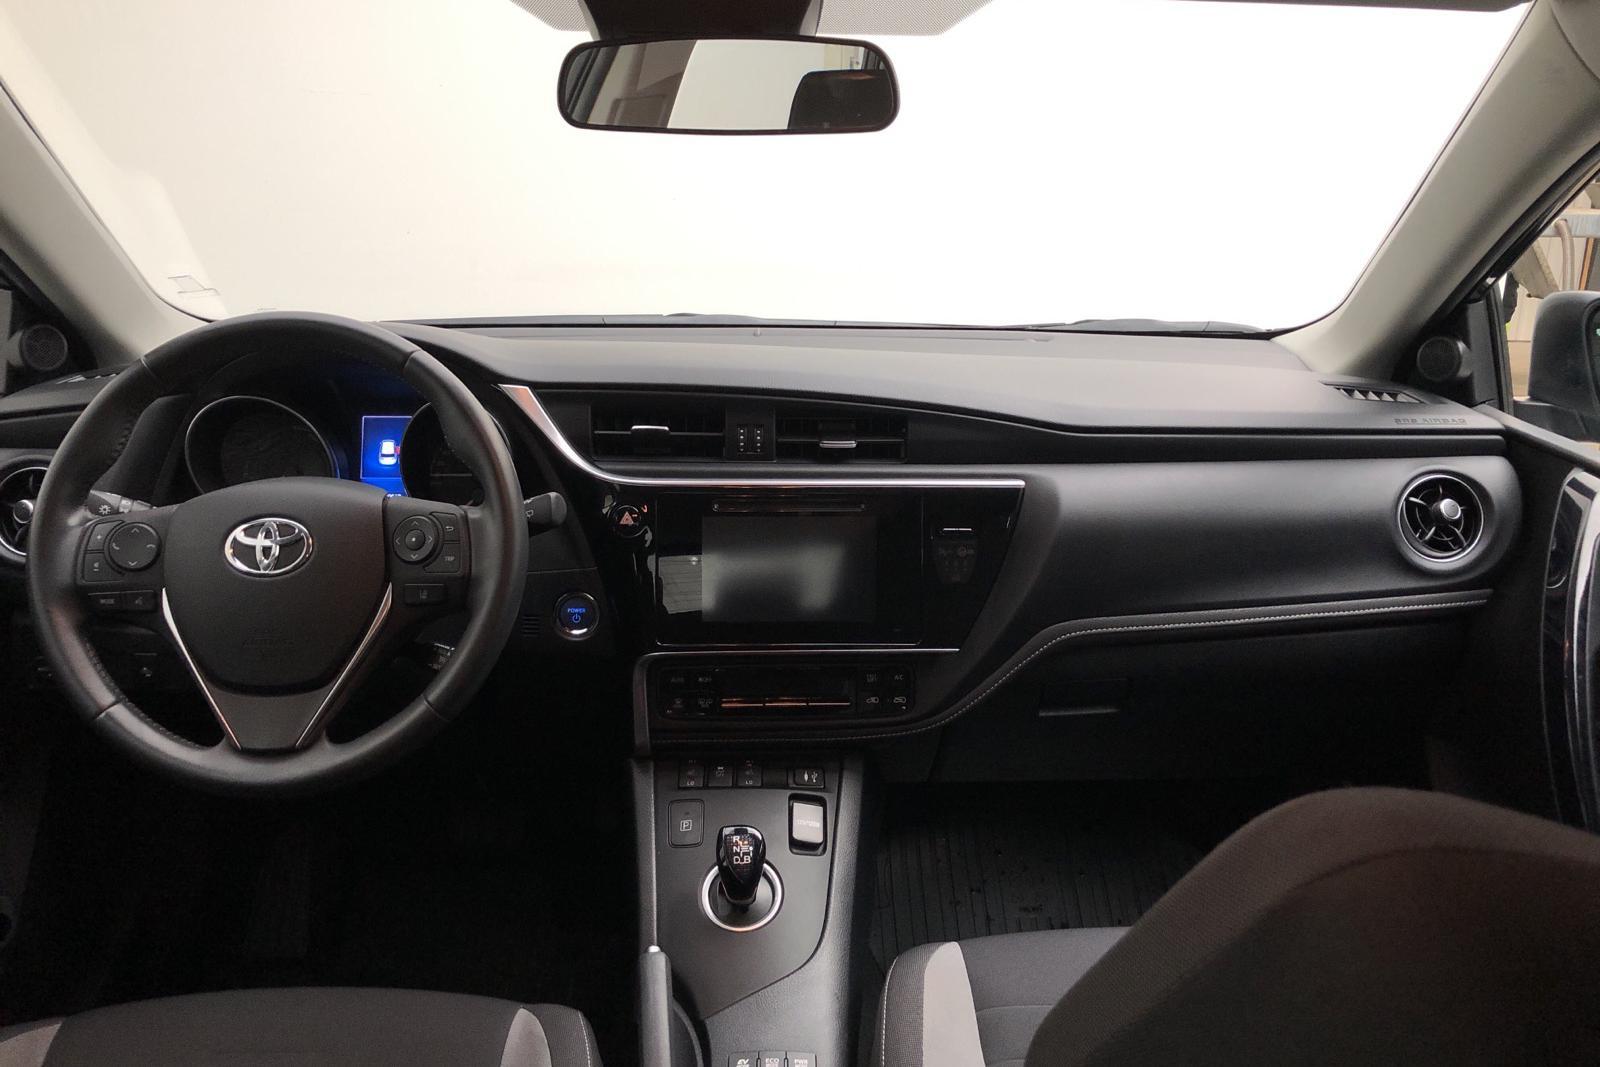 Toyota Auris 1.8 HSD 5dr (99hk) - 0 km - Automatic - black - 2018